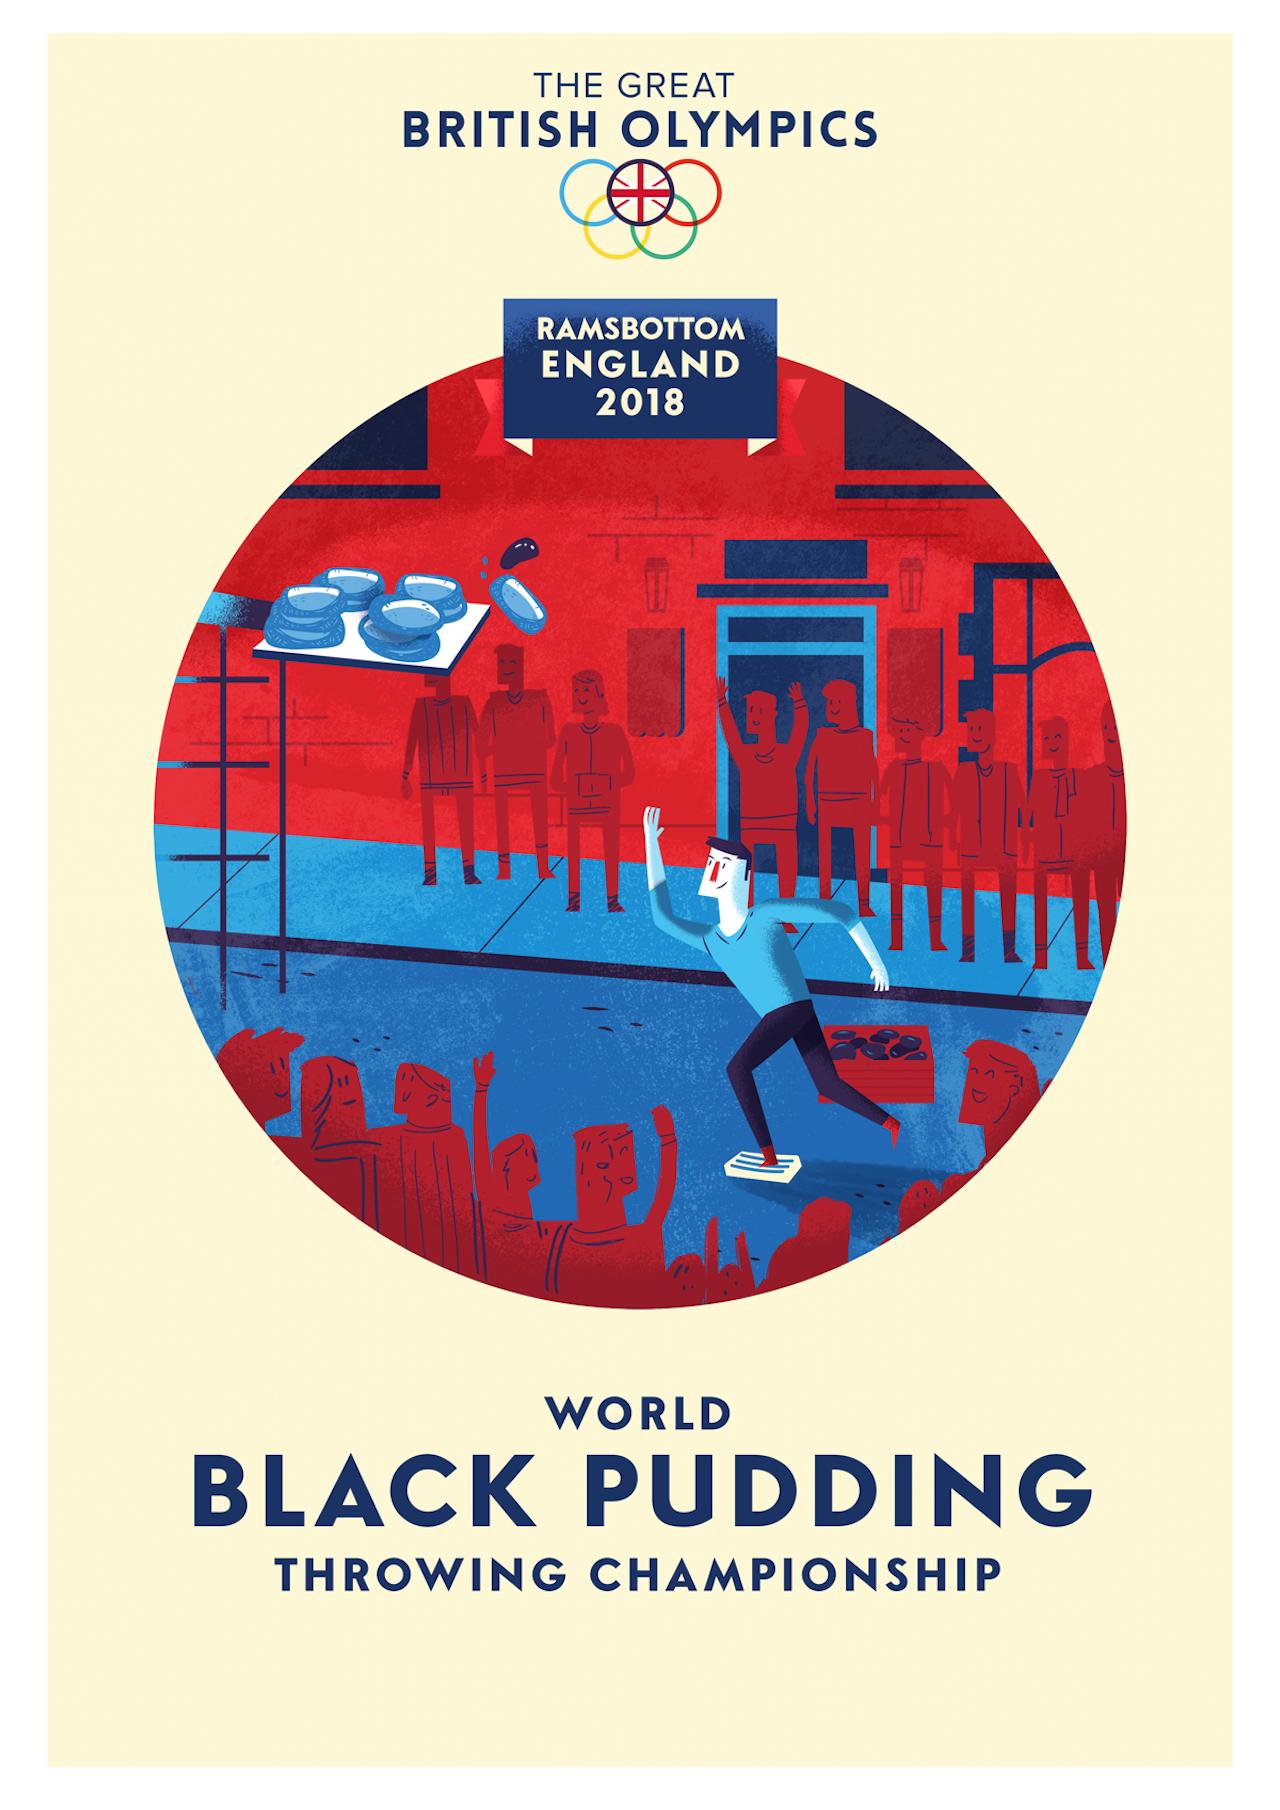 British Olympics_04 Black Pudding